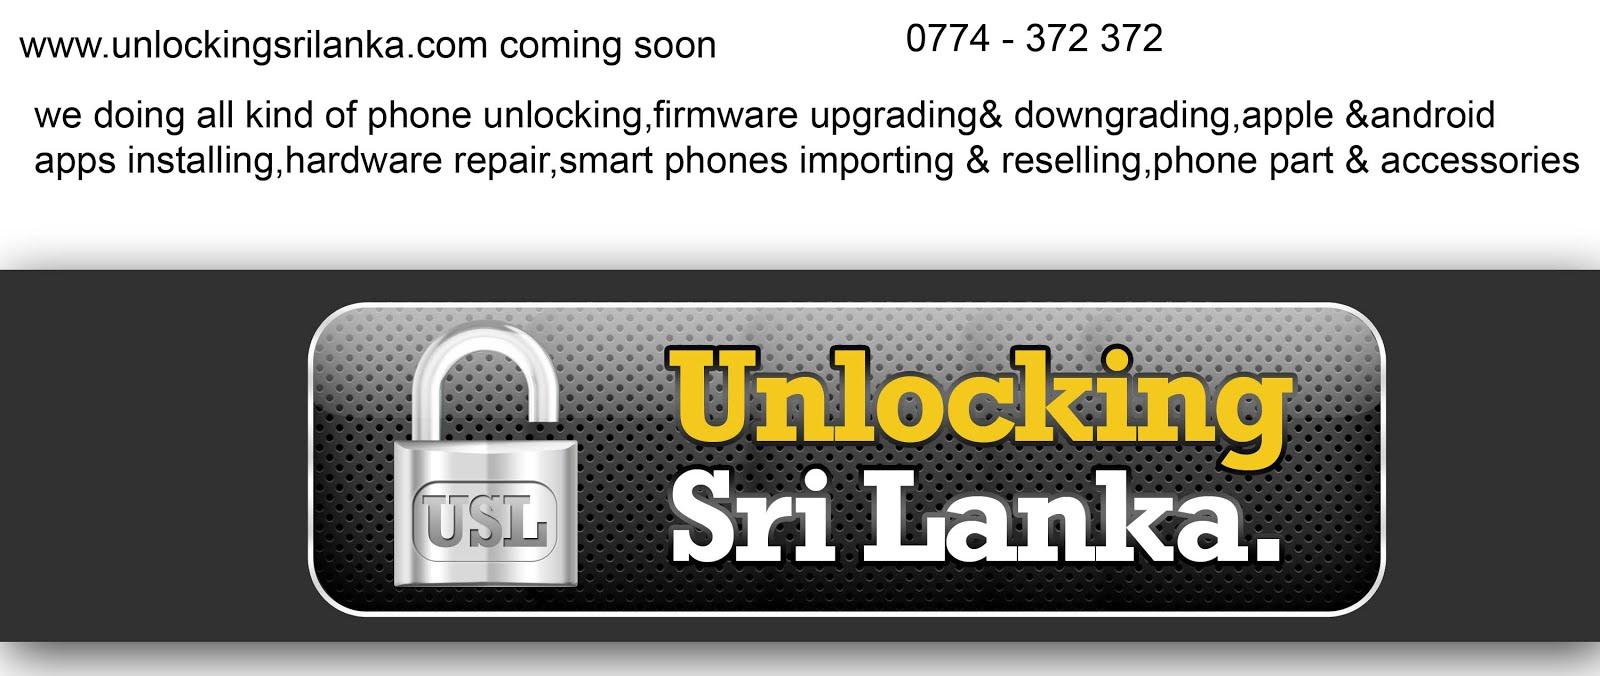 Unlocking srilanka